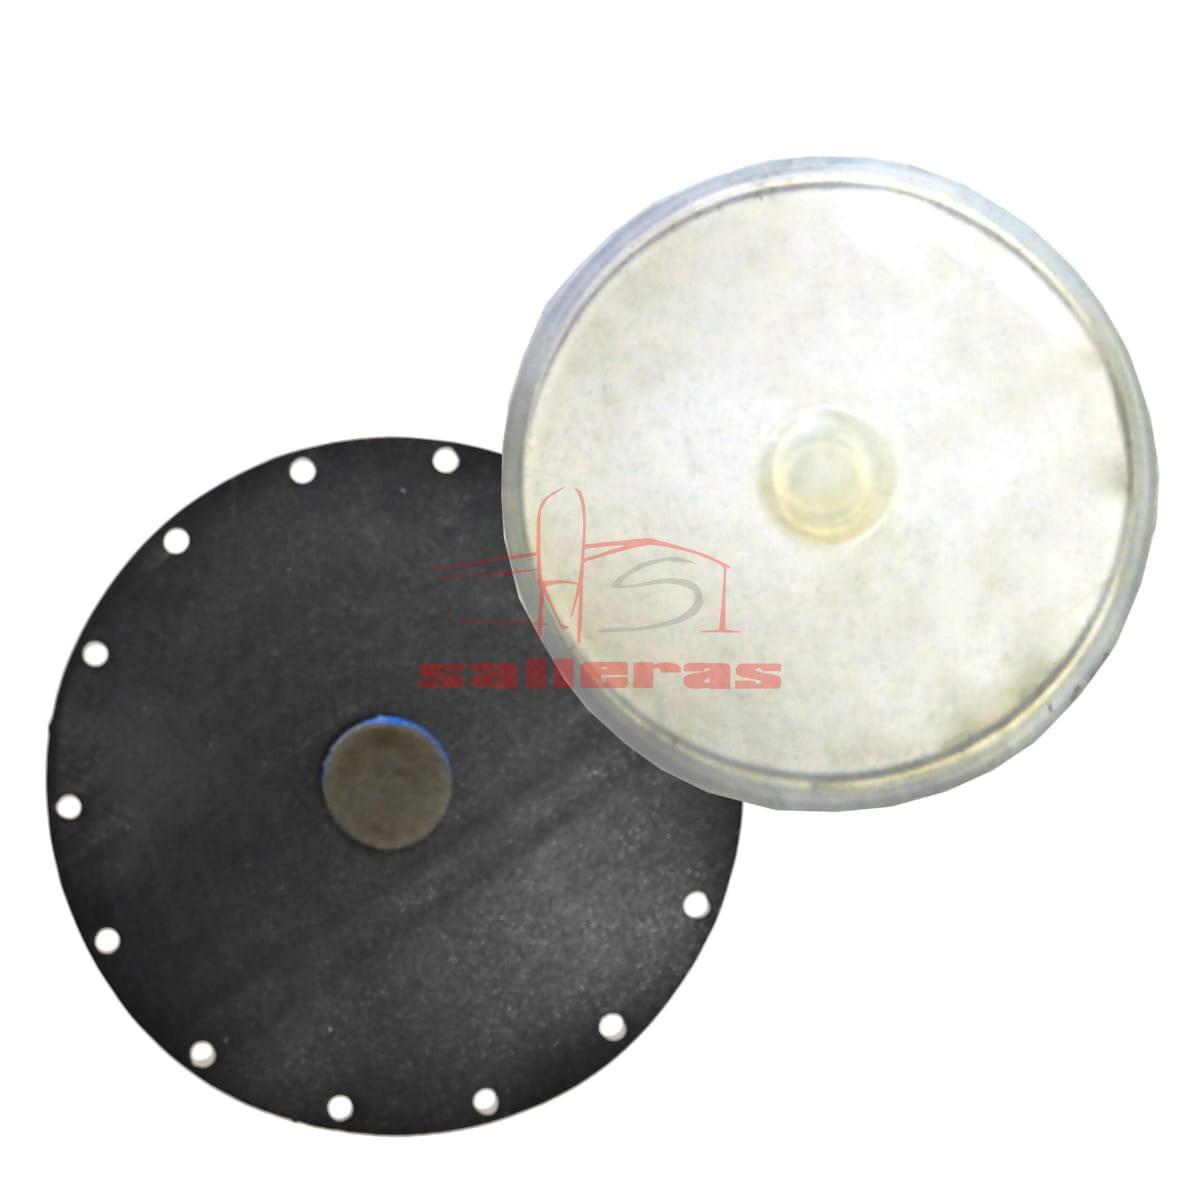 Dos membranas de recambio circulares para valvula vrh